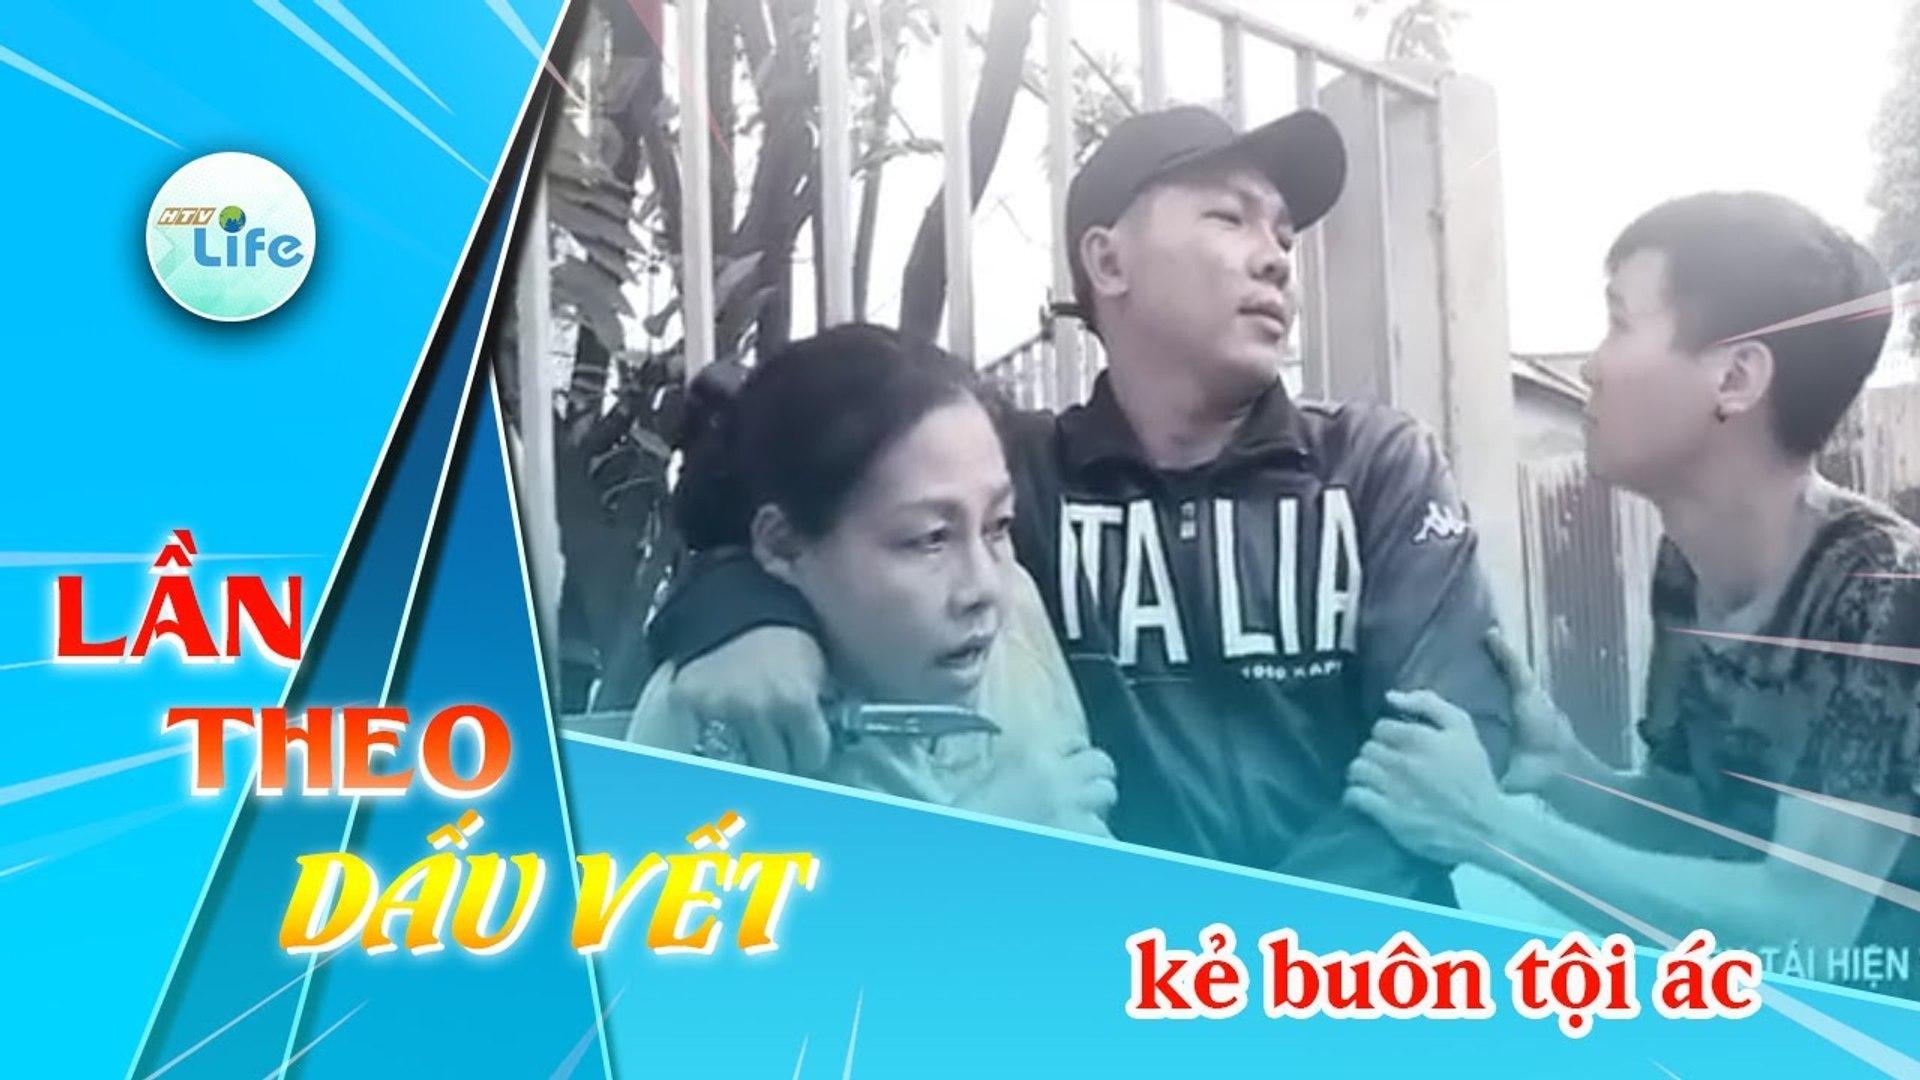 LẦN THEO DẤU VẾT - KẺ BUÔN TỘI ÁC - -HTV LTDV 24-06-2019